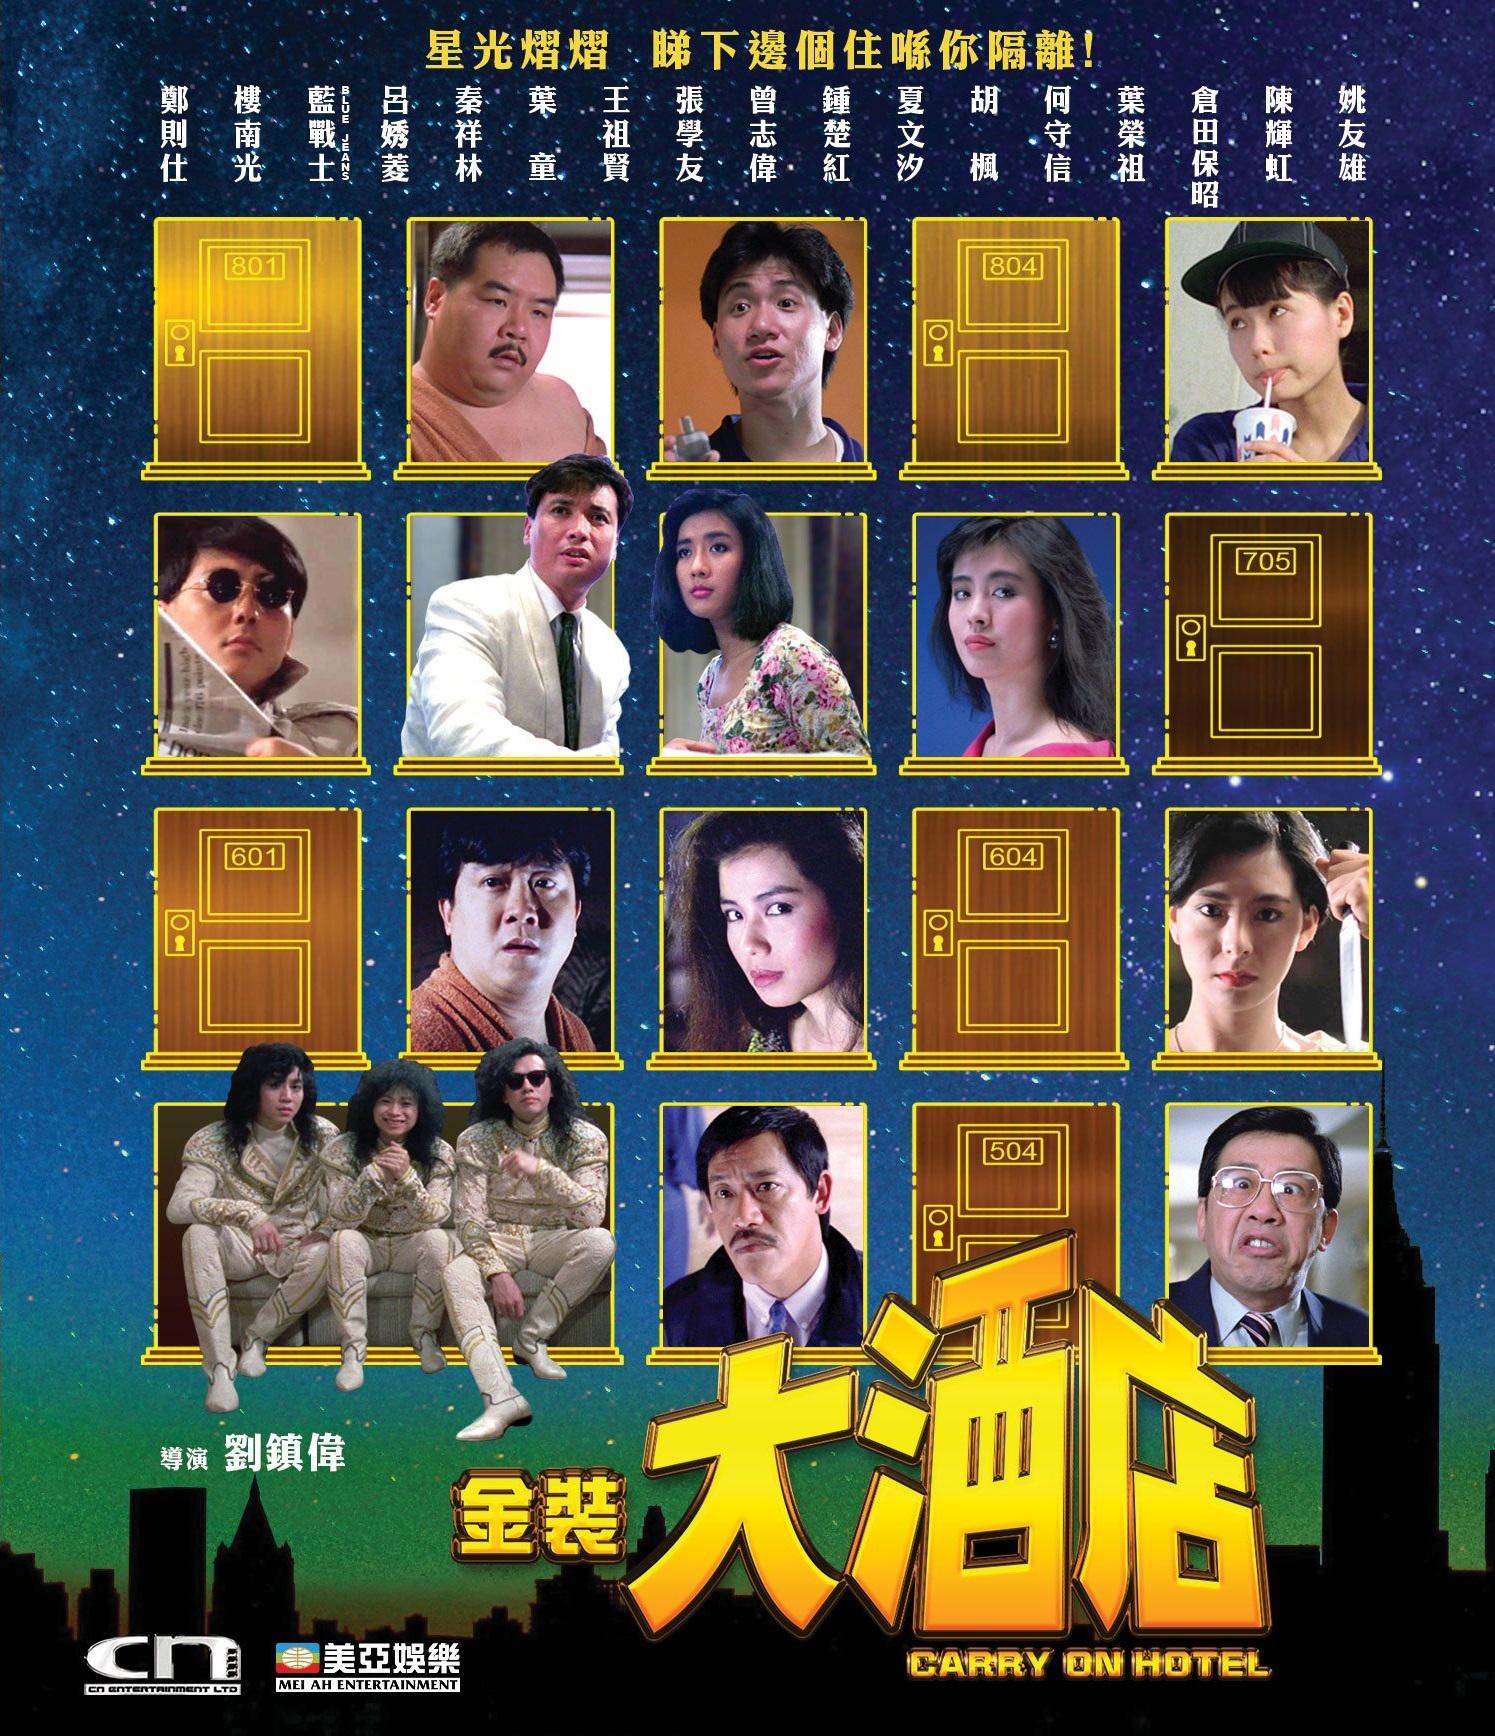 [藍光][繁中]金裝大酒店(1080P)國粵雙語